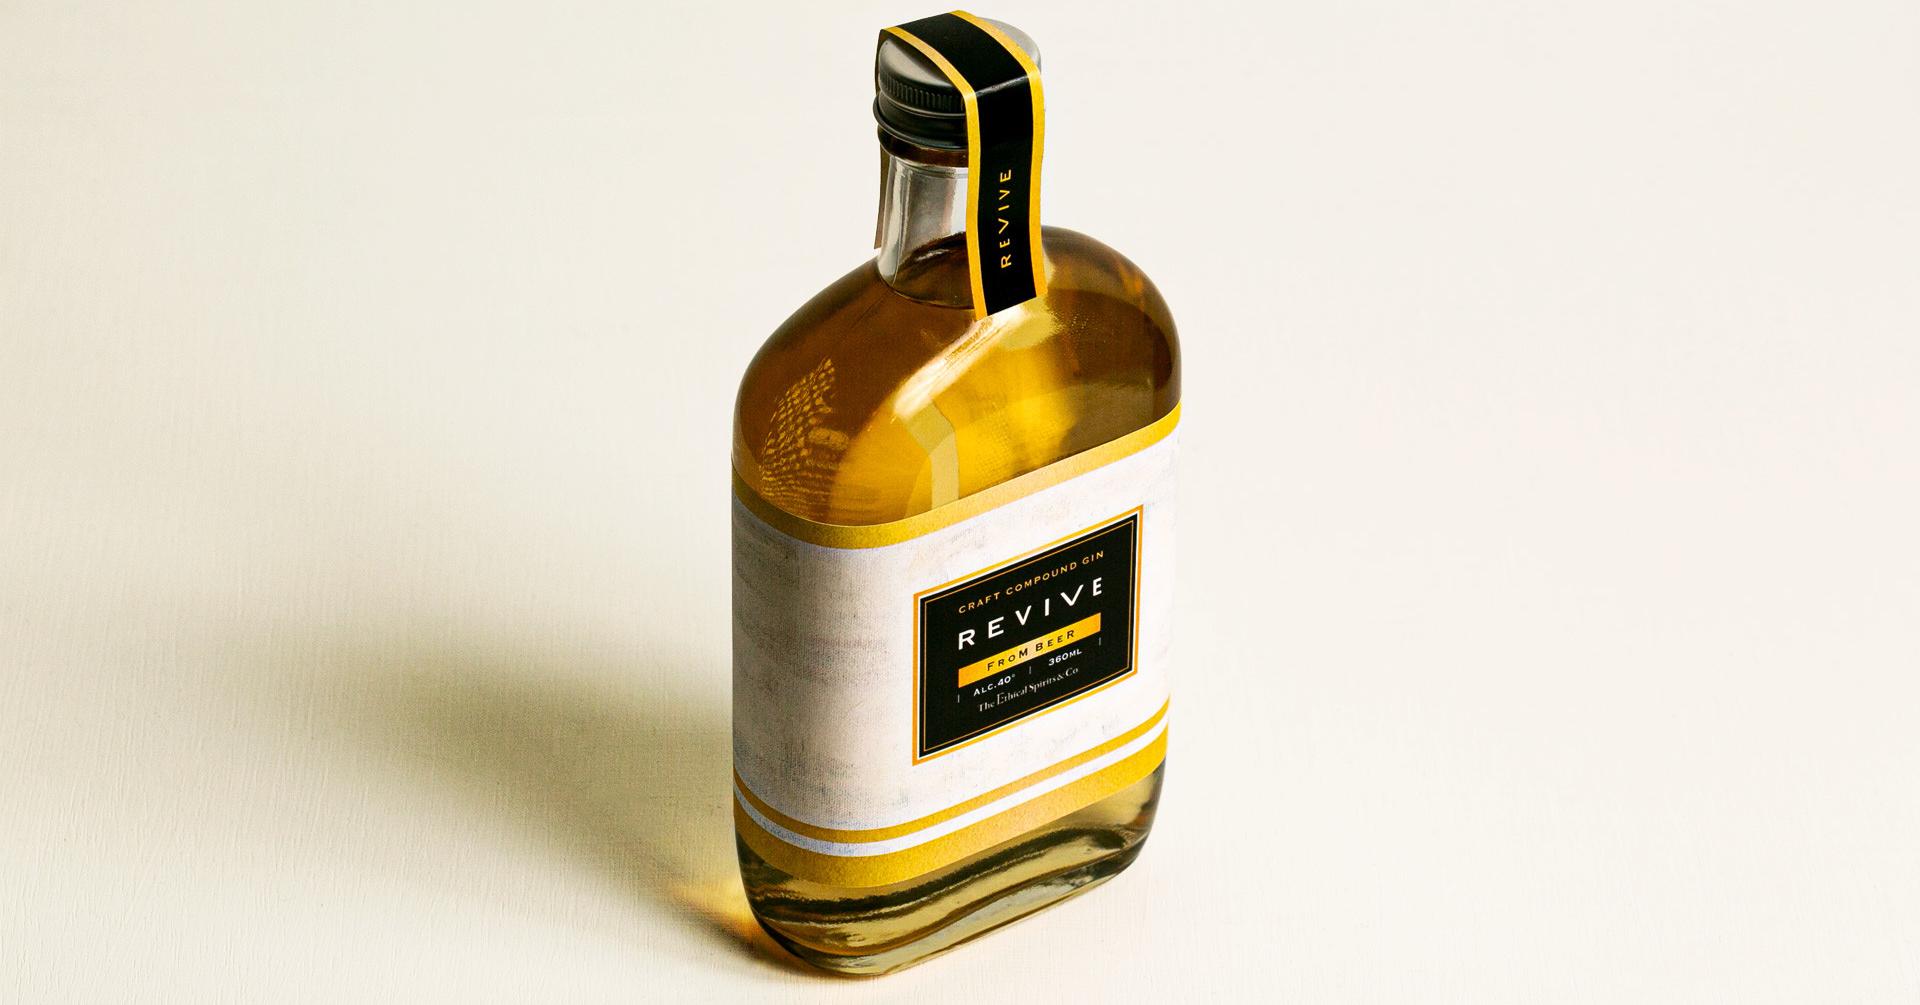 照片中提到了CRAFT COMPOUND GIN、REVIVE、FROM BEER,跟斯維維亞有關,包含了酒、エシカルスピリッツ株式會社、清酒、英博、杜松子酒